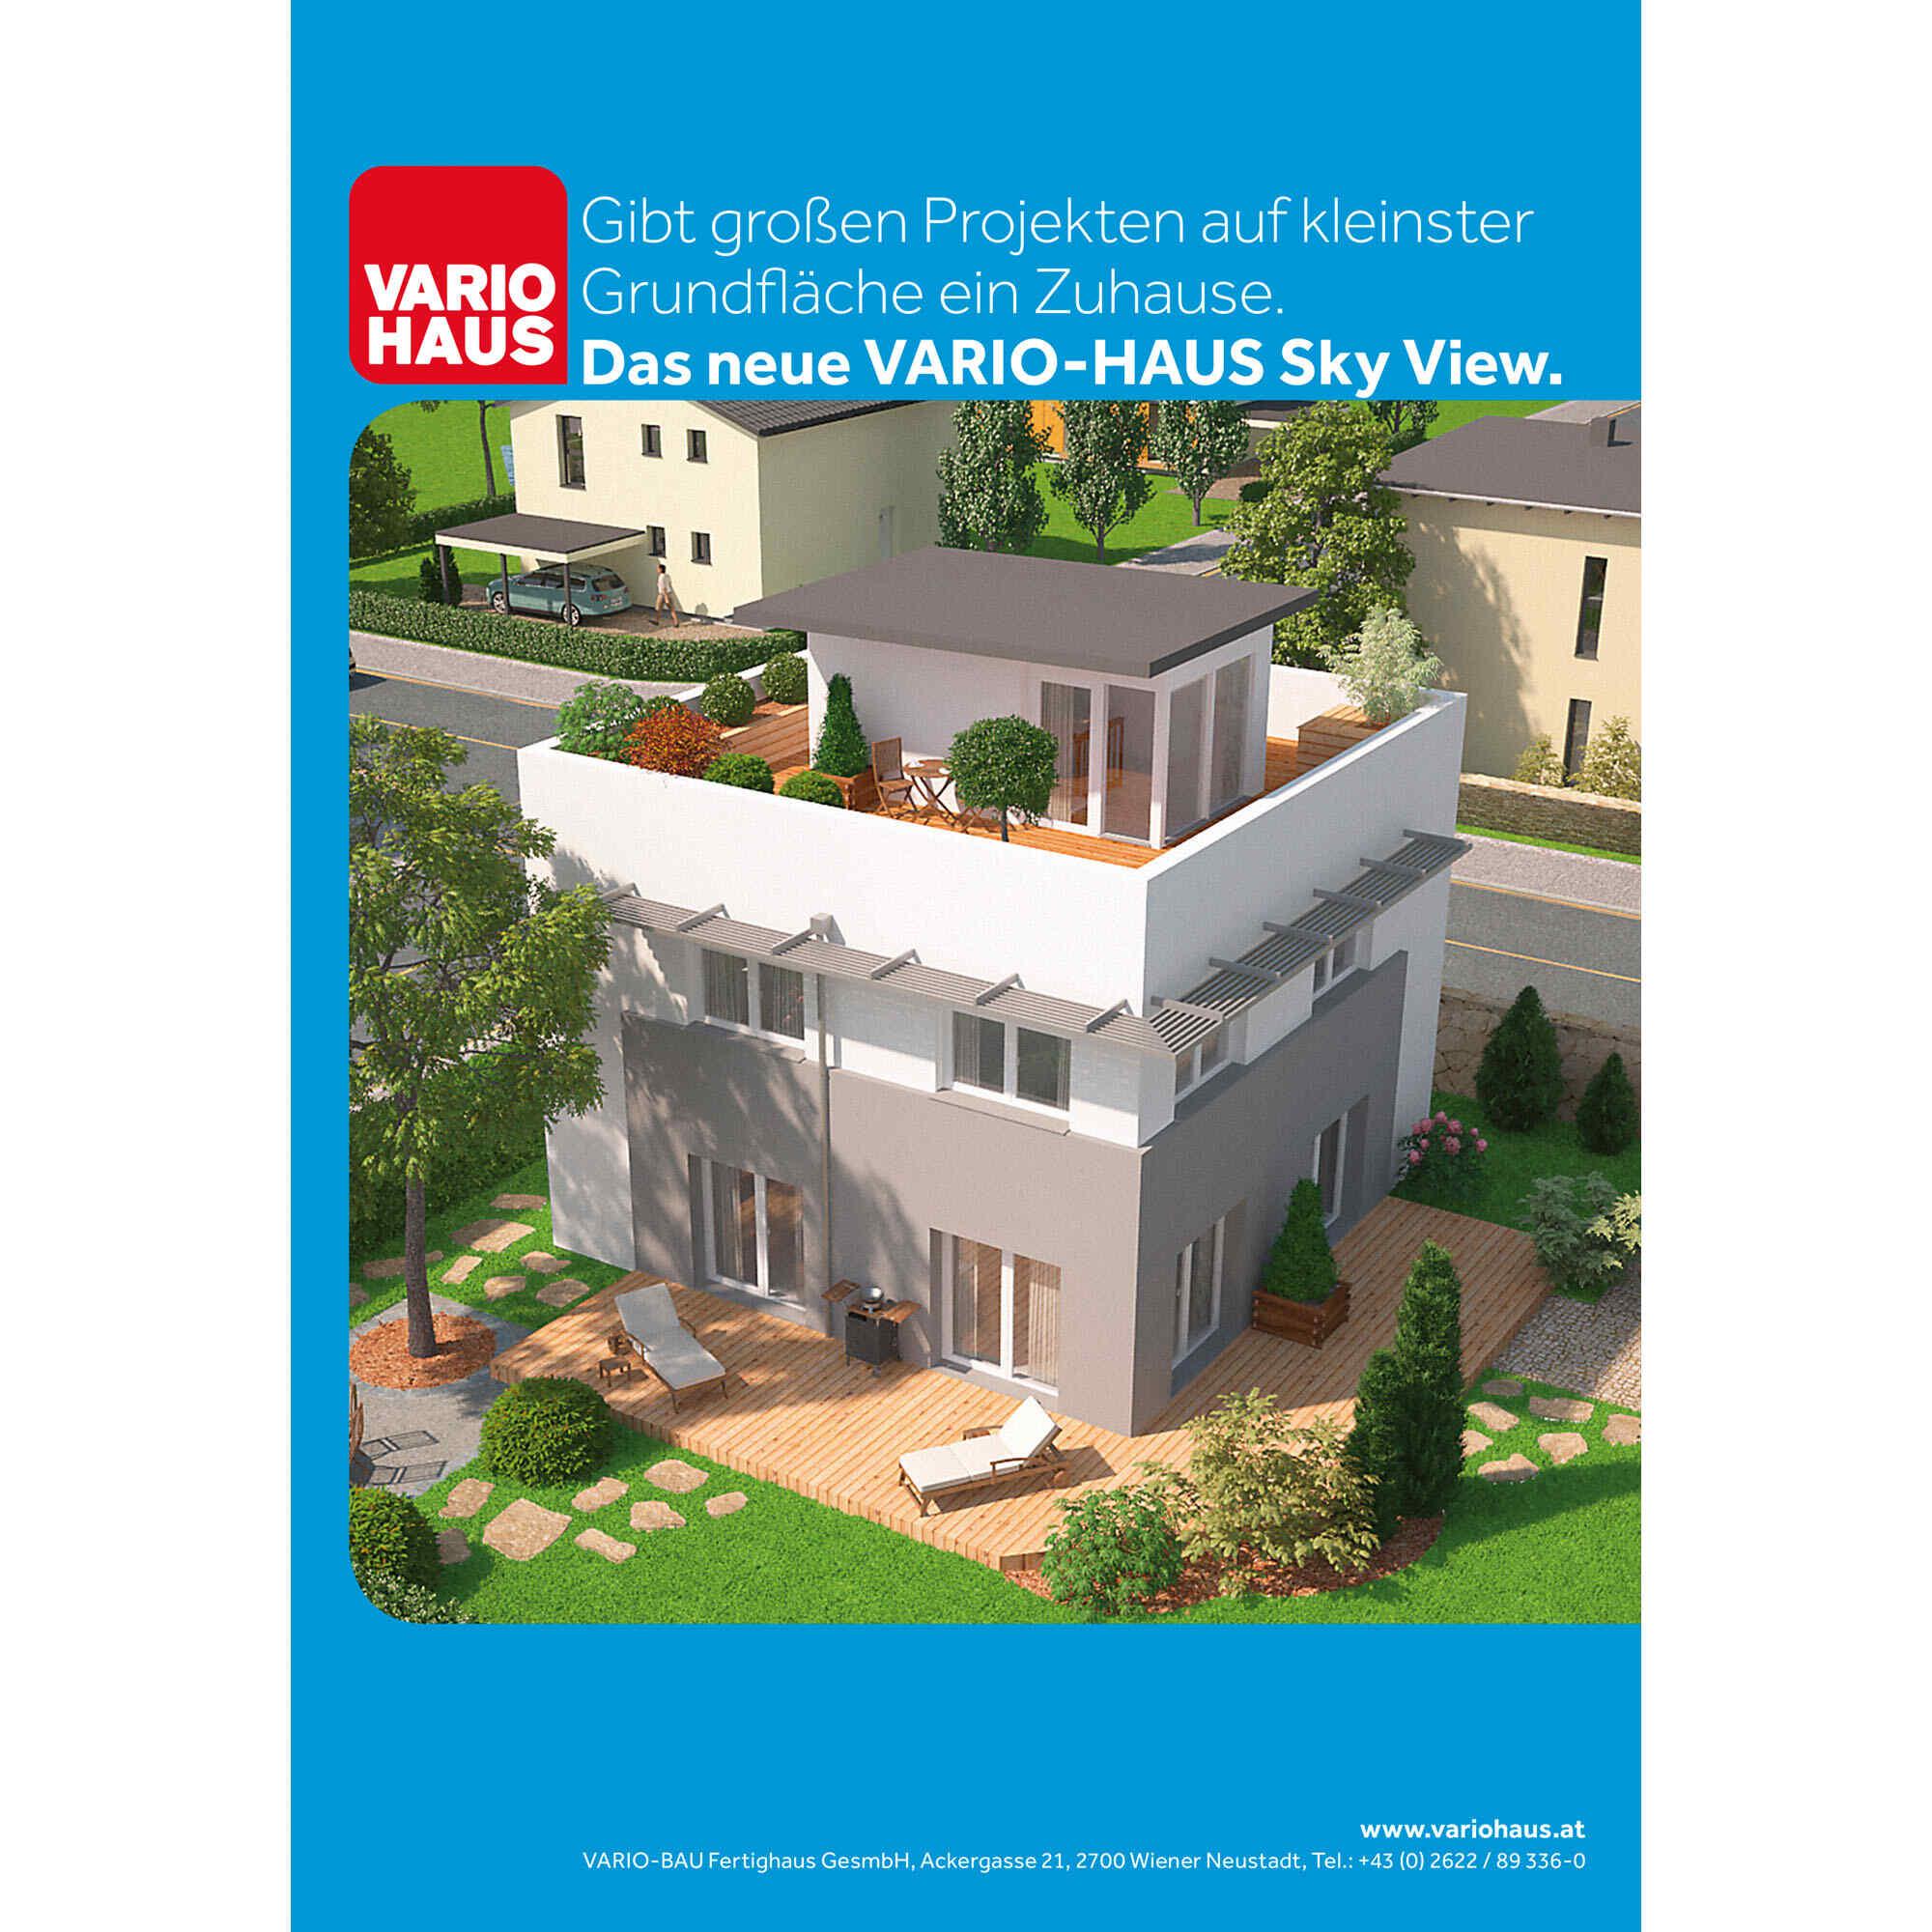 VARIO-HAUS Fertigteilhäuser